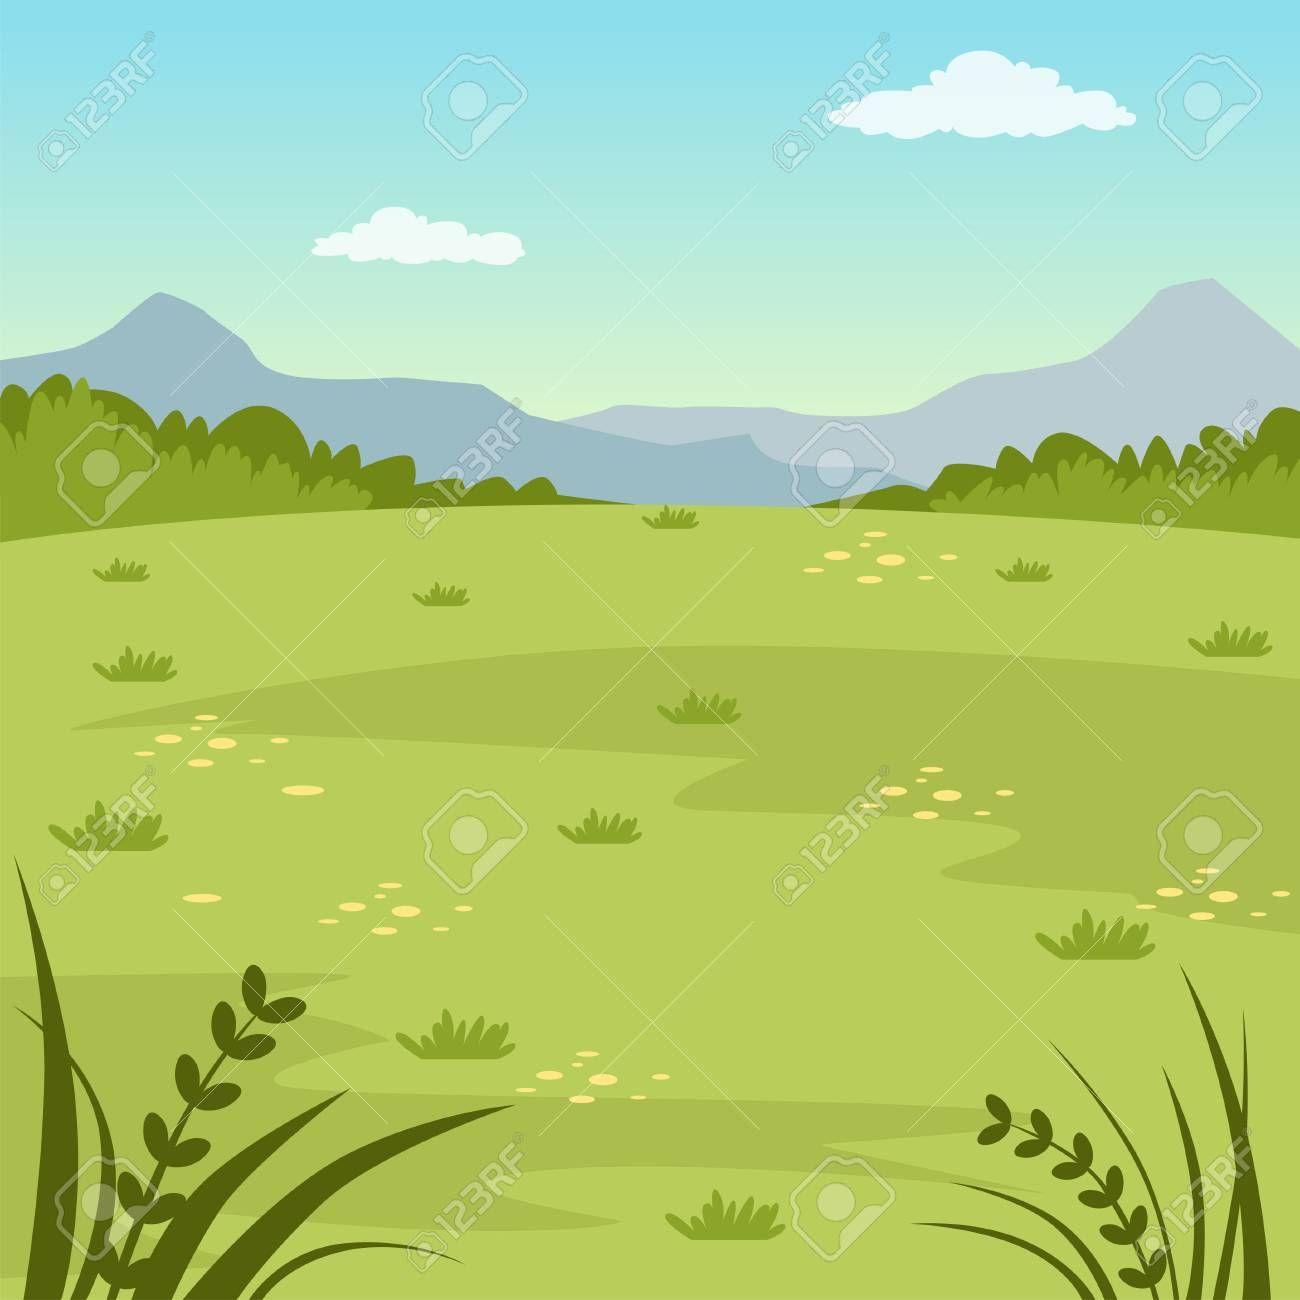 Green Field Rural Summer Landscape Nature Background Vector Illustration Affiliate Rural Summer Green Summer Landscape Nature Backgrounds Landscape